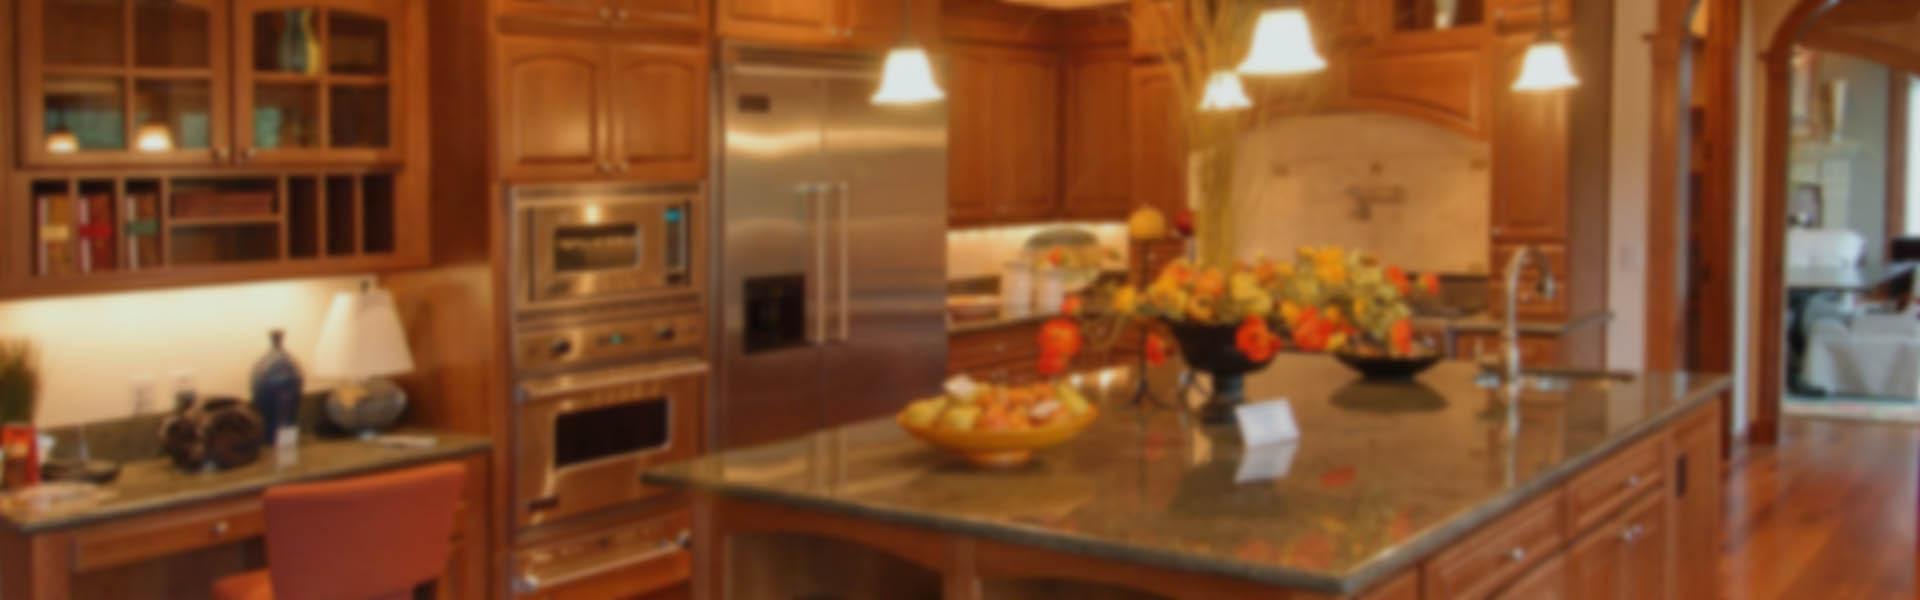 interior of gourmet kitchen